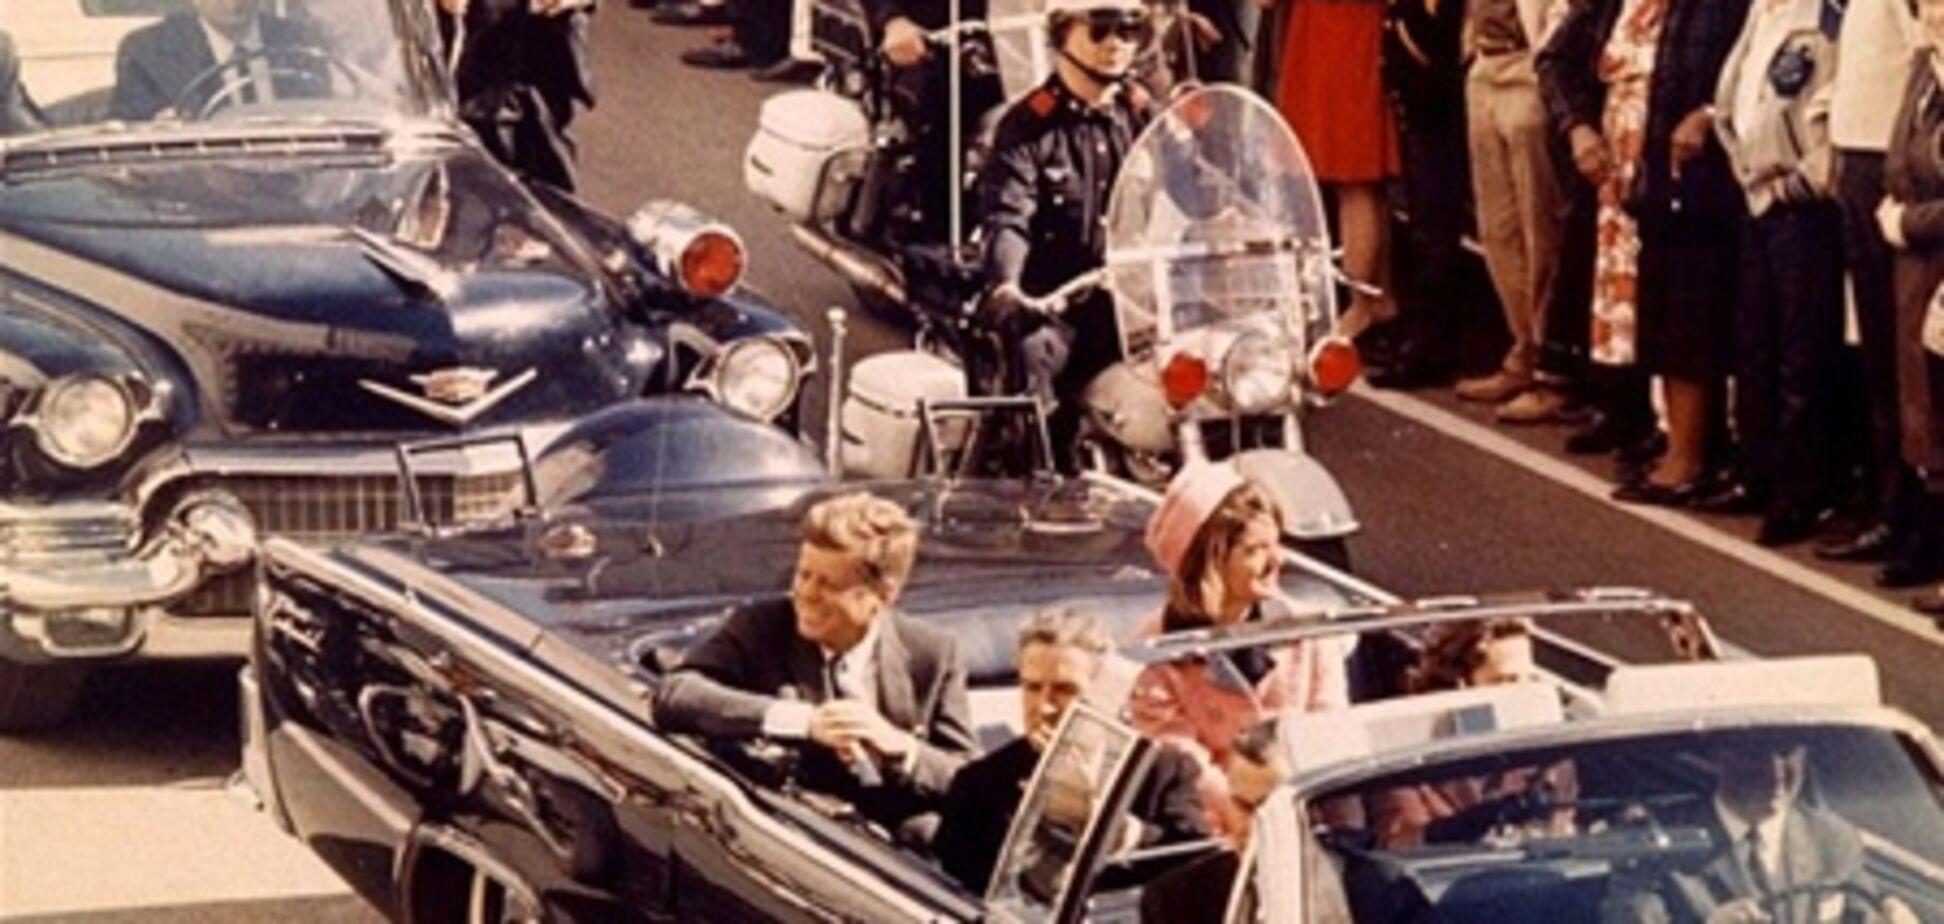 Сенсация в СМИ: Кастро мог предотвратить убийство Кеннеди